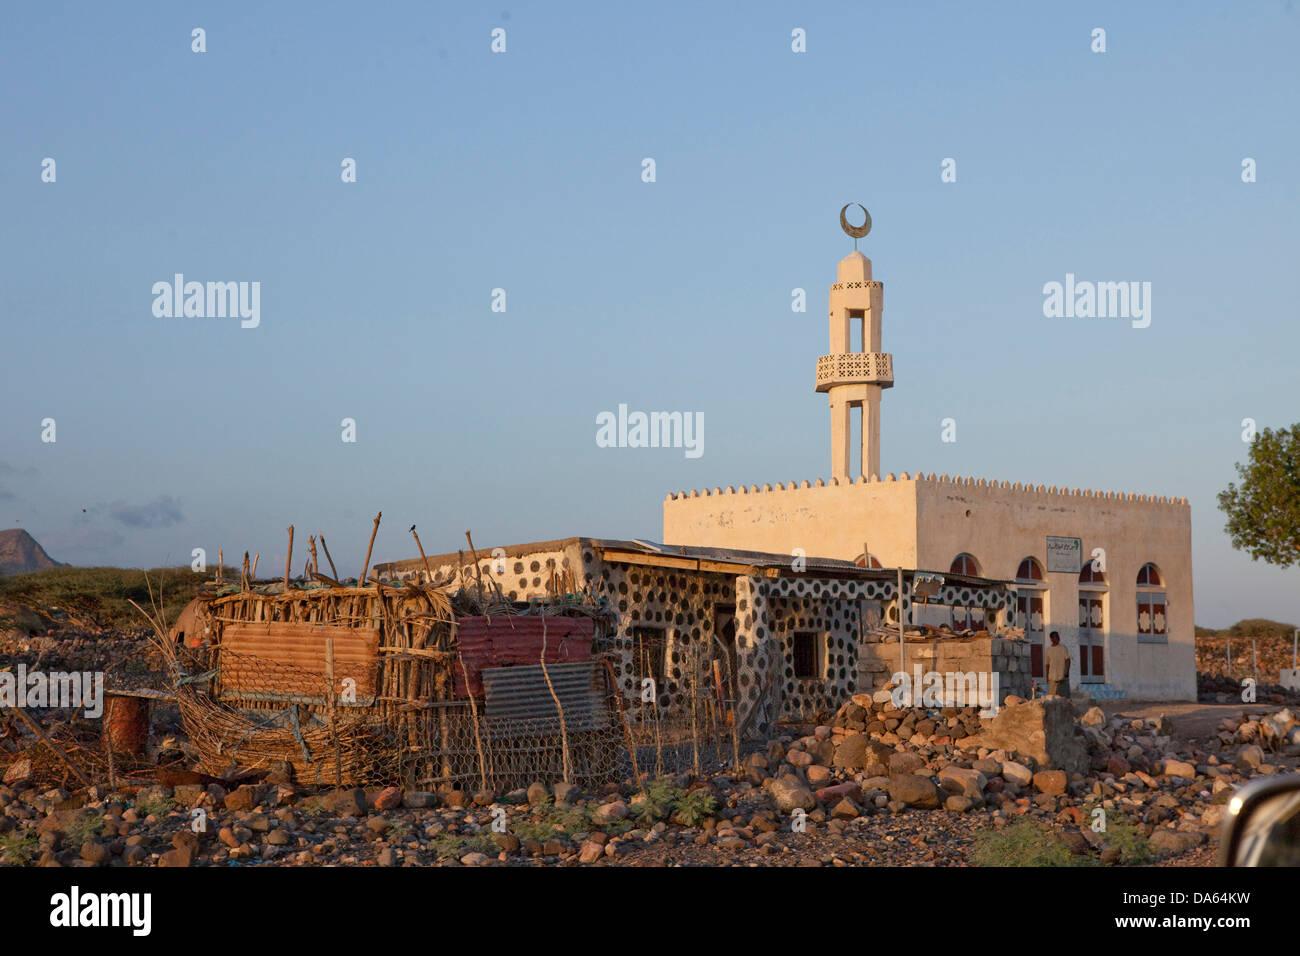 Tadjoura, Mar Rojo, África, turismo, Djibouti, minarete Imagen De Stock